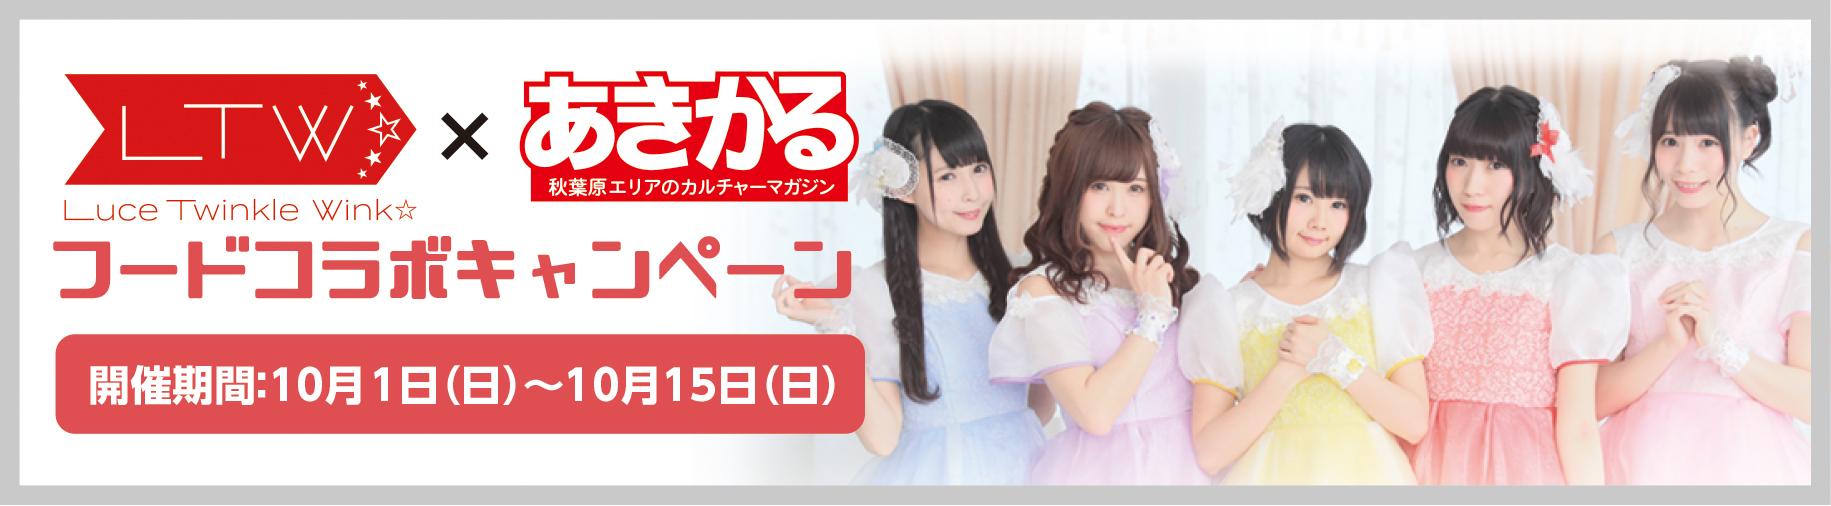 luce-twinkle-wink☆-x-あきかる-フードコラボキャンペーン